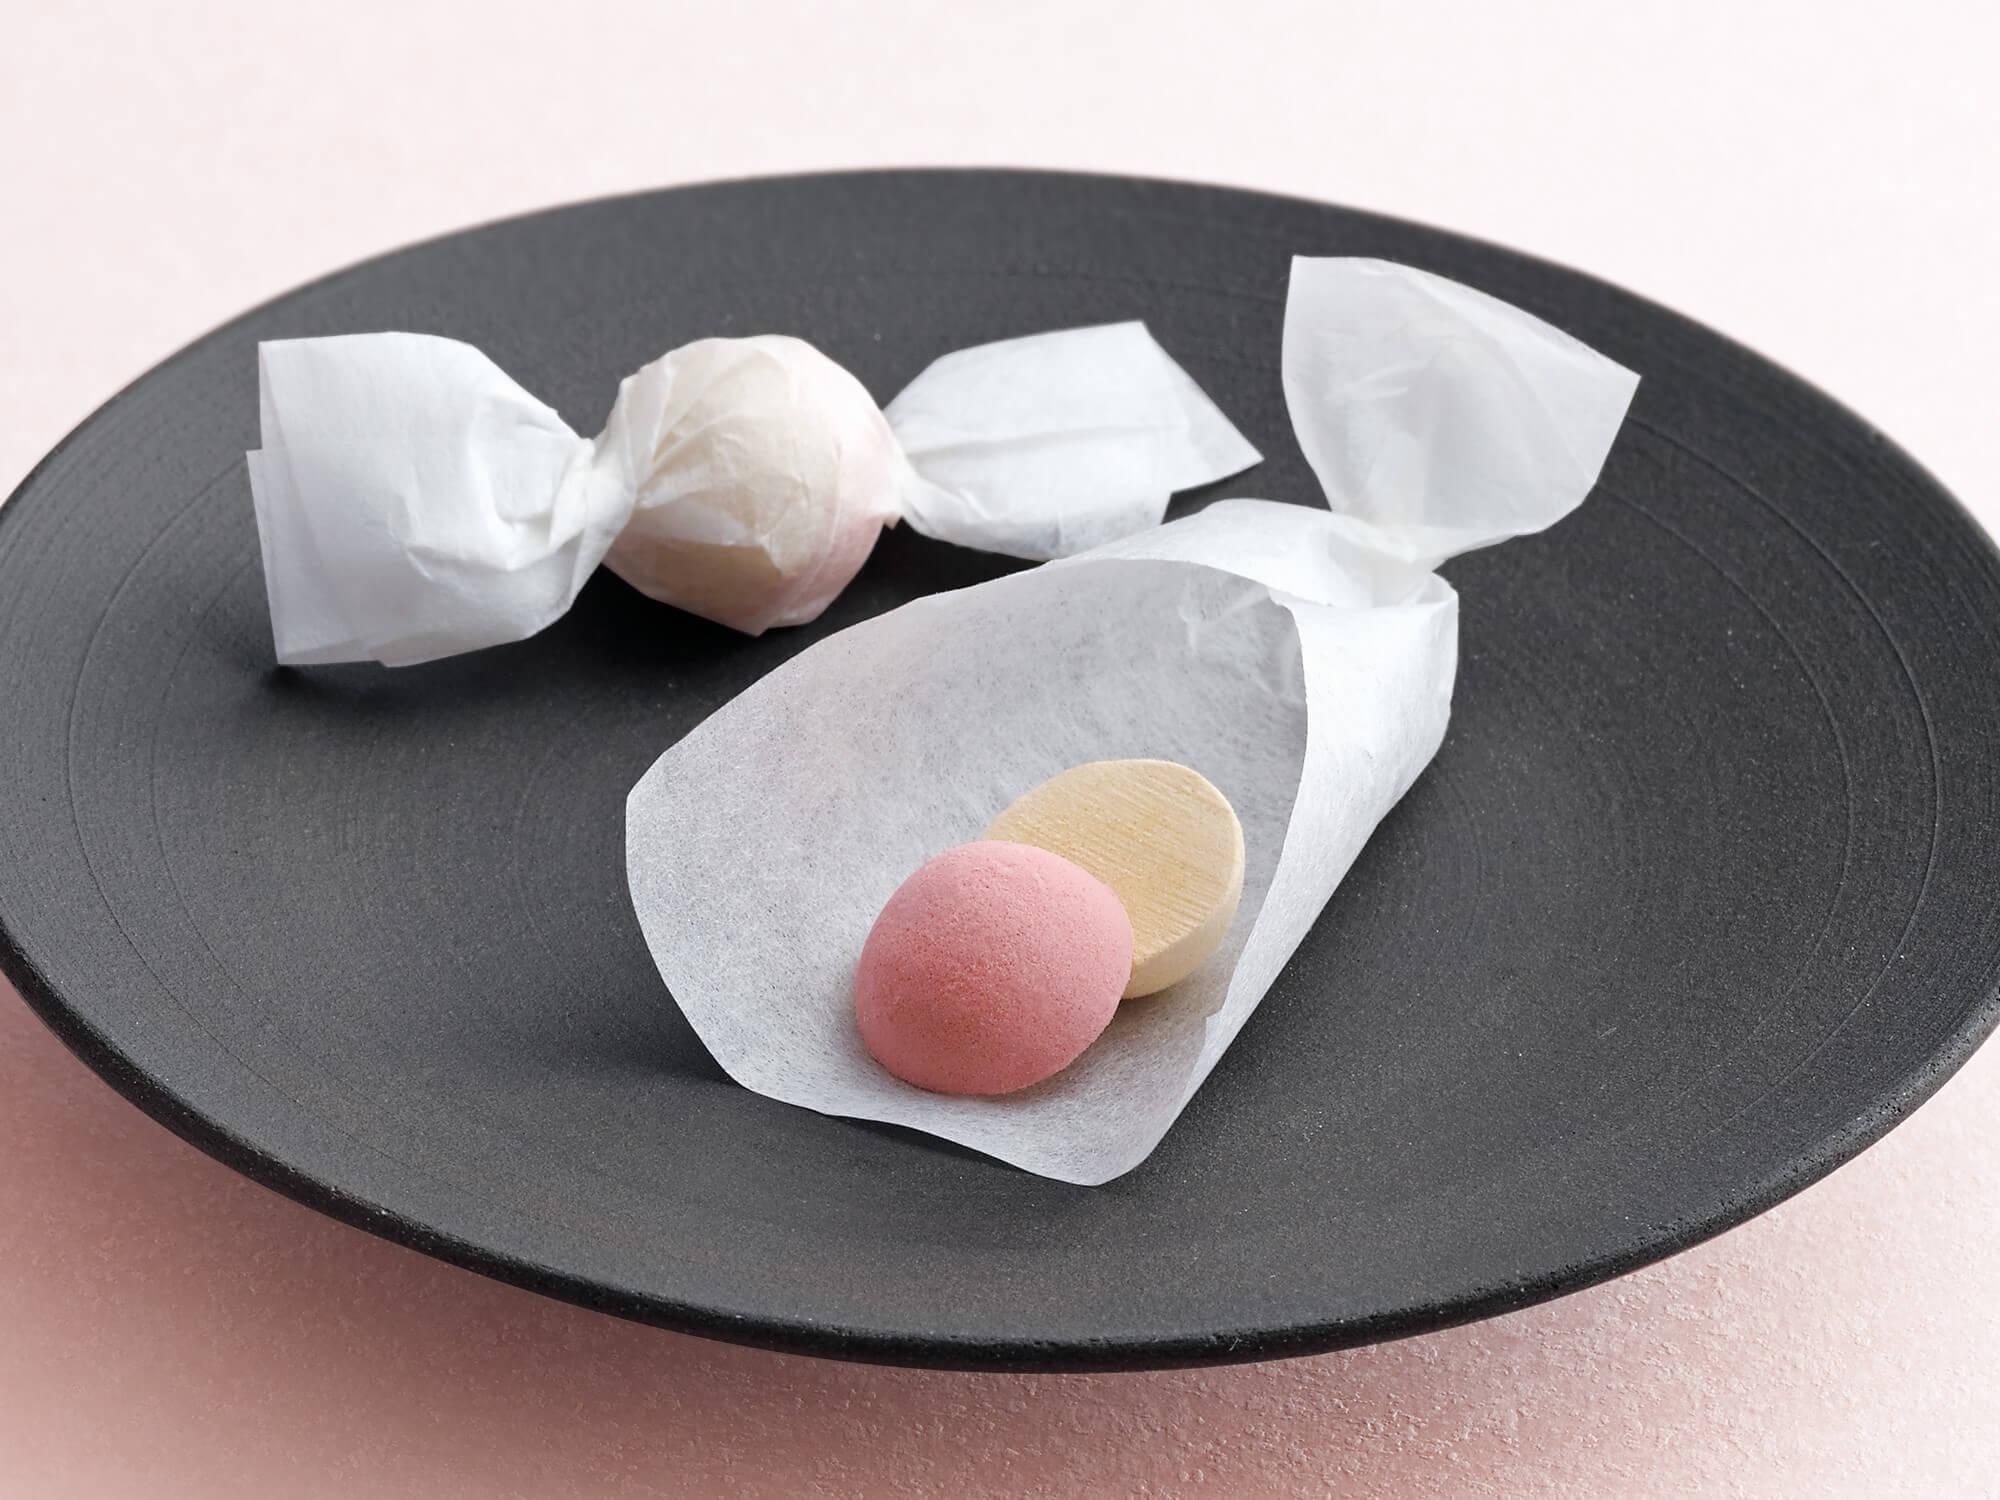 バレンタインに喜ばれる人気の和菓子